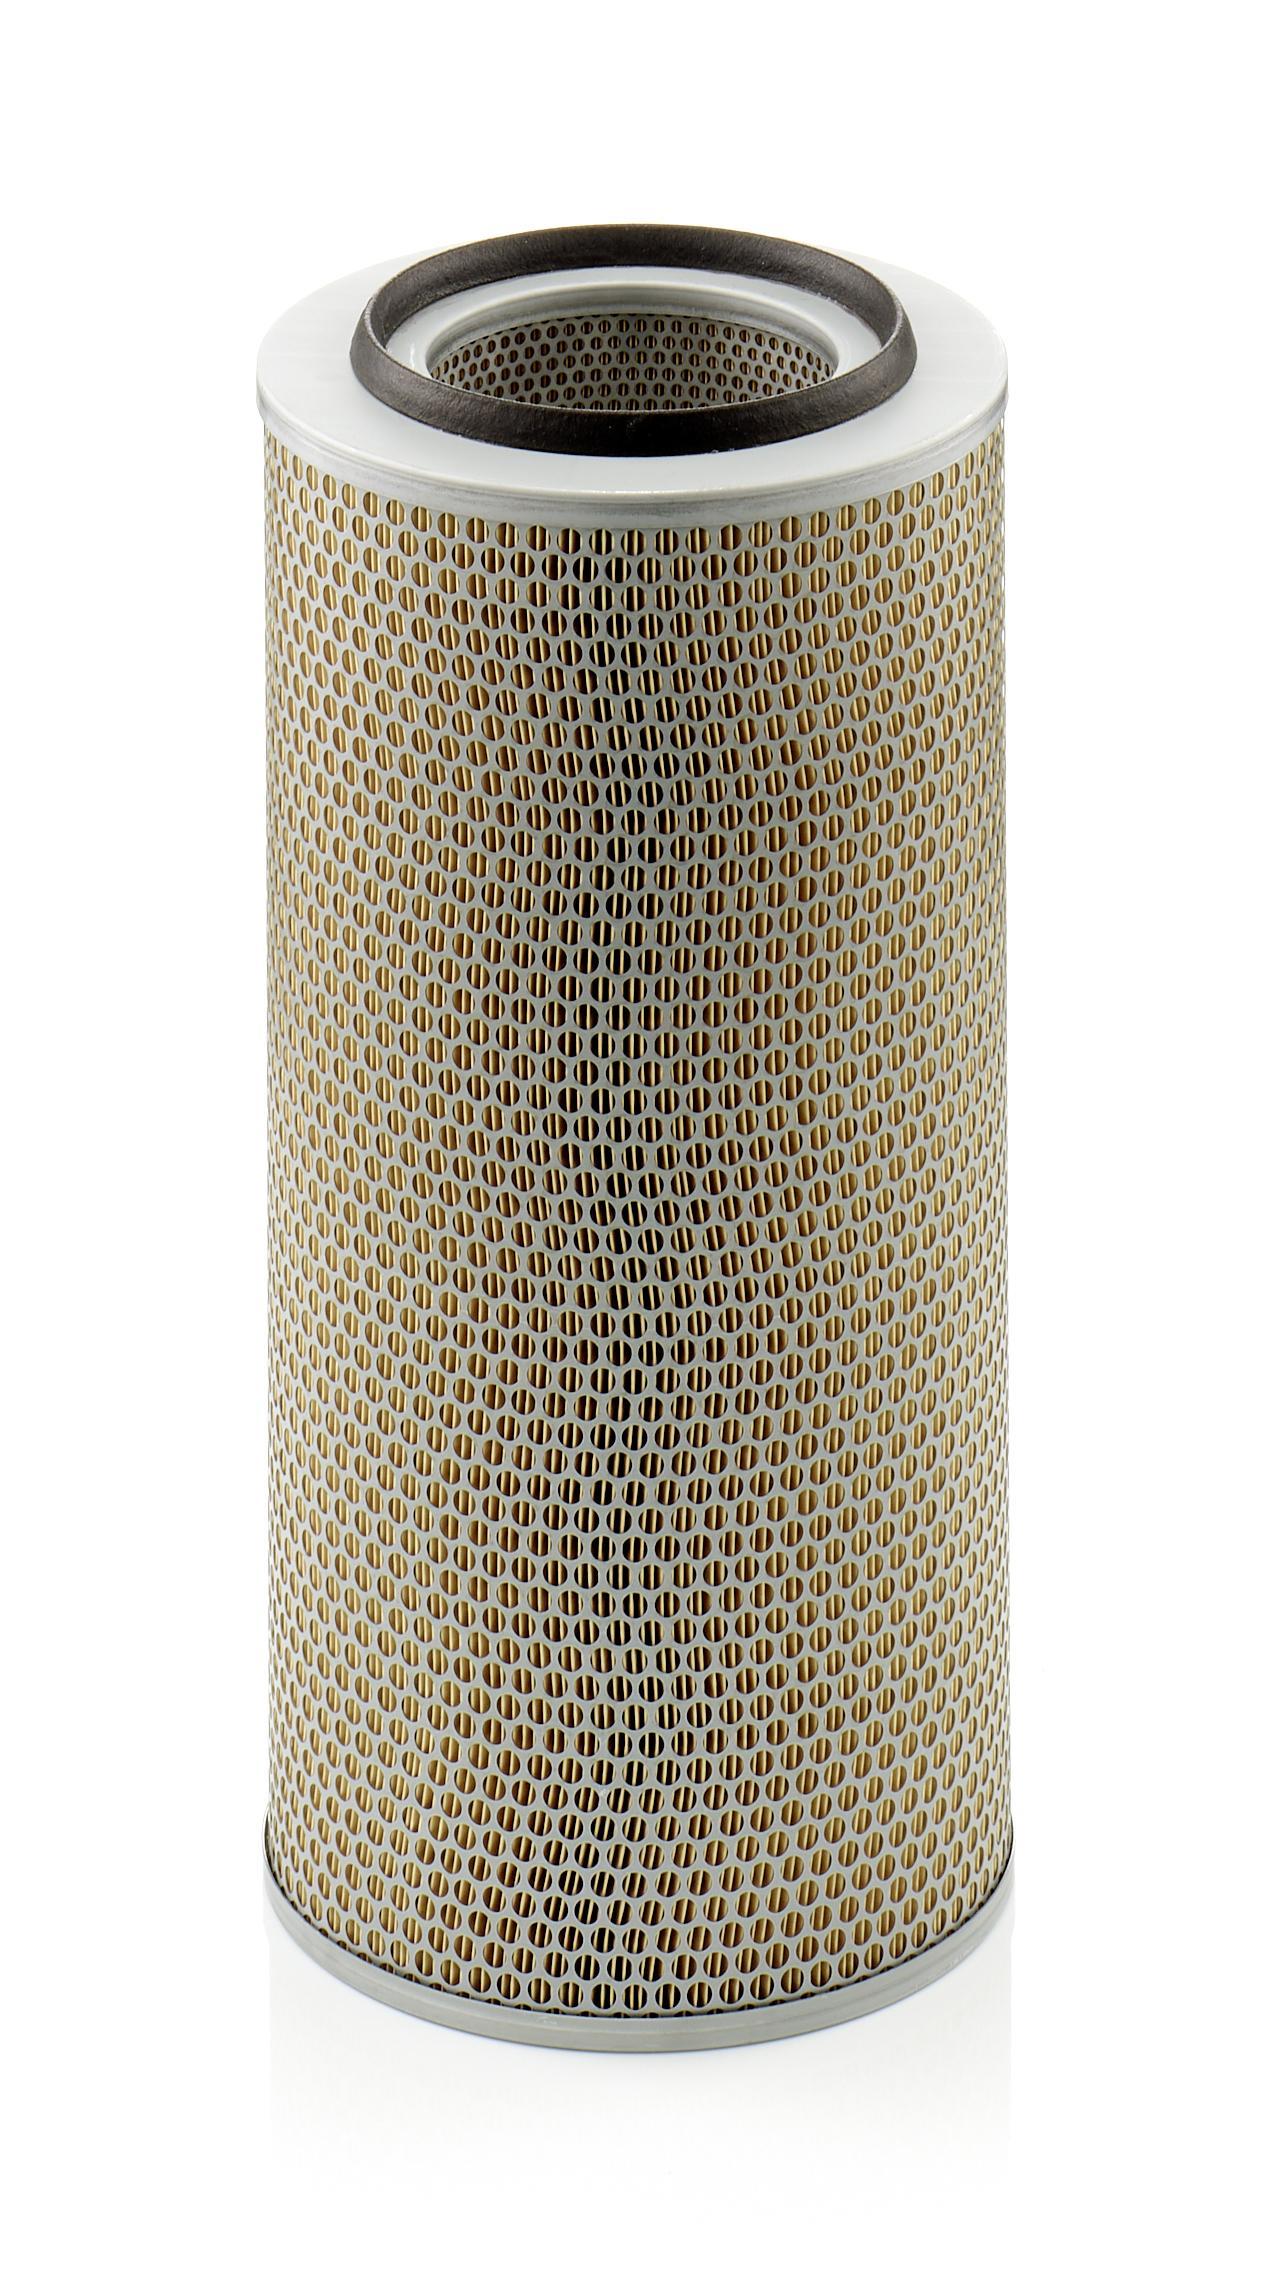 LKW Luftfilter MANN-FILTER C 24 650/1 kaufen